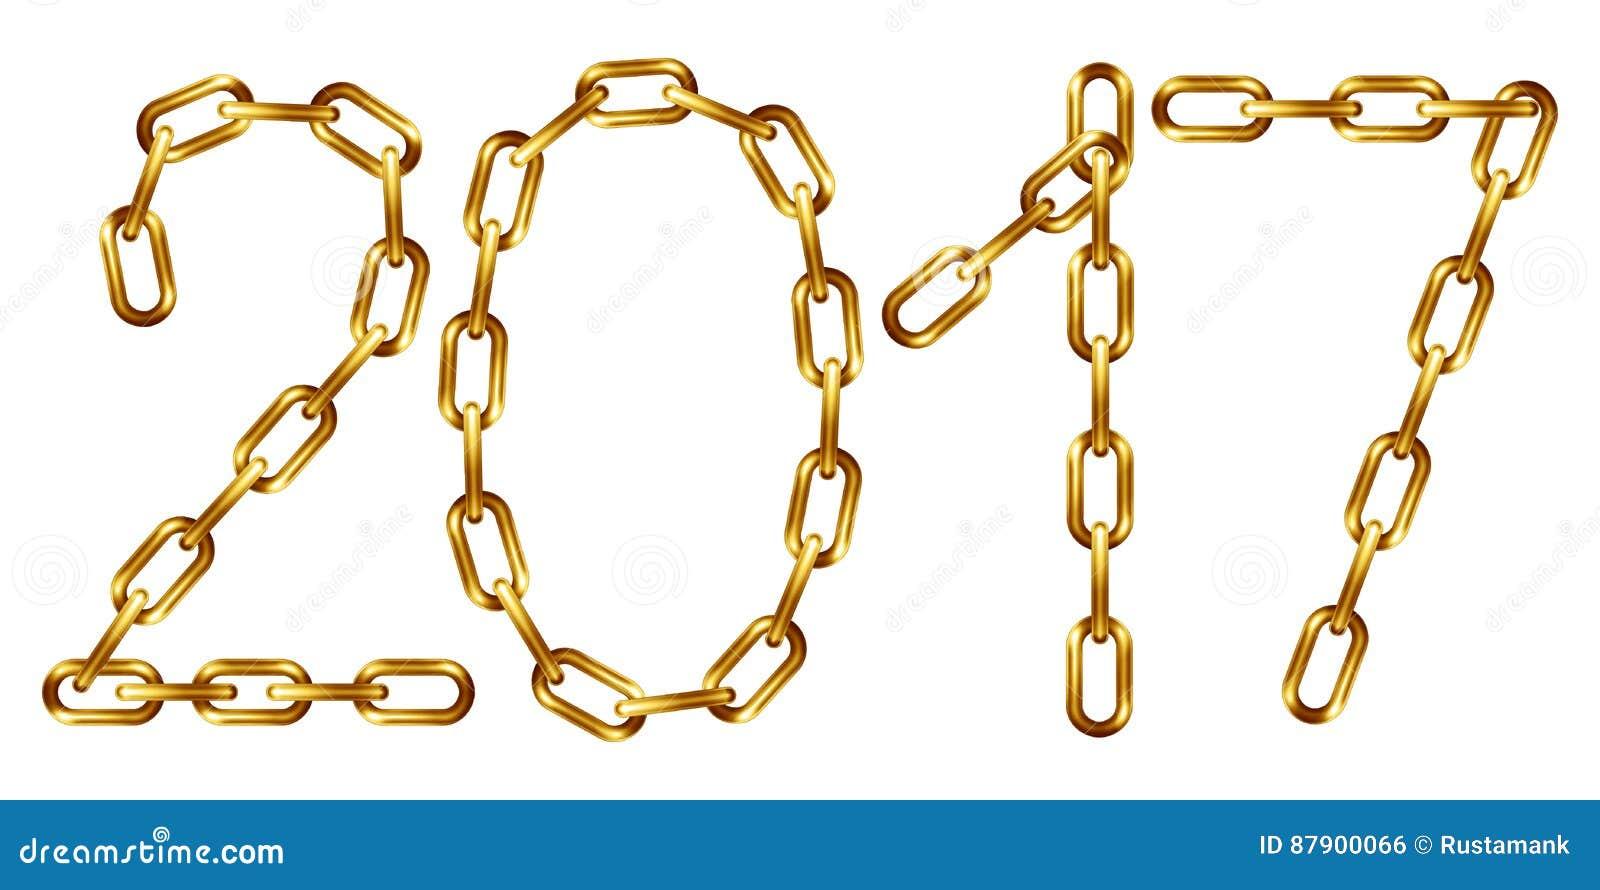 Inscrição 2017 do vetor feita da corrente dourada